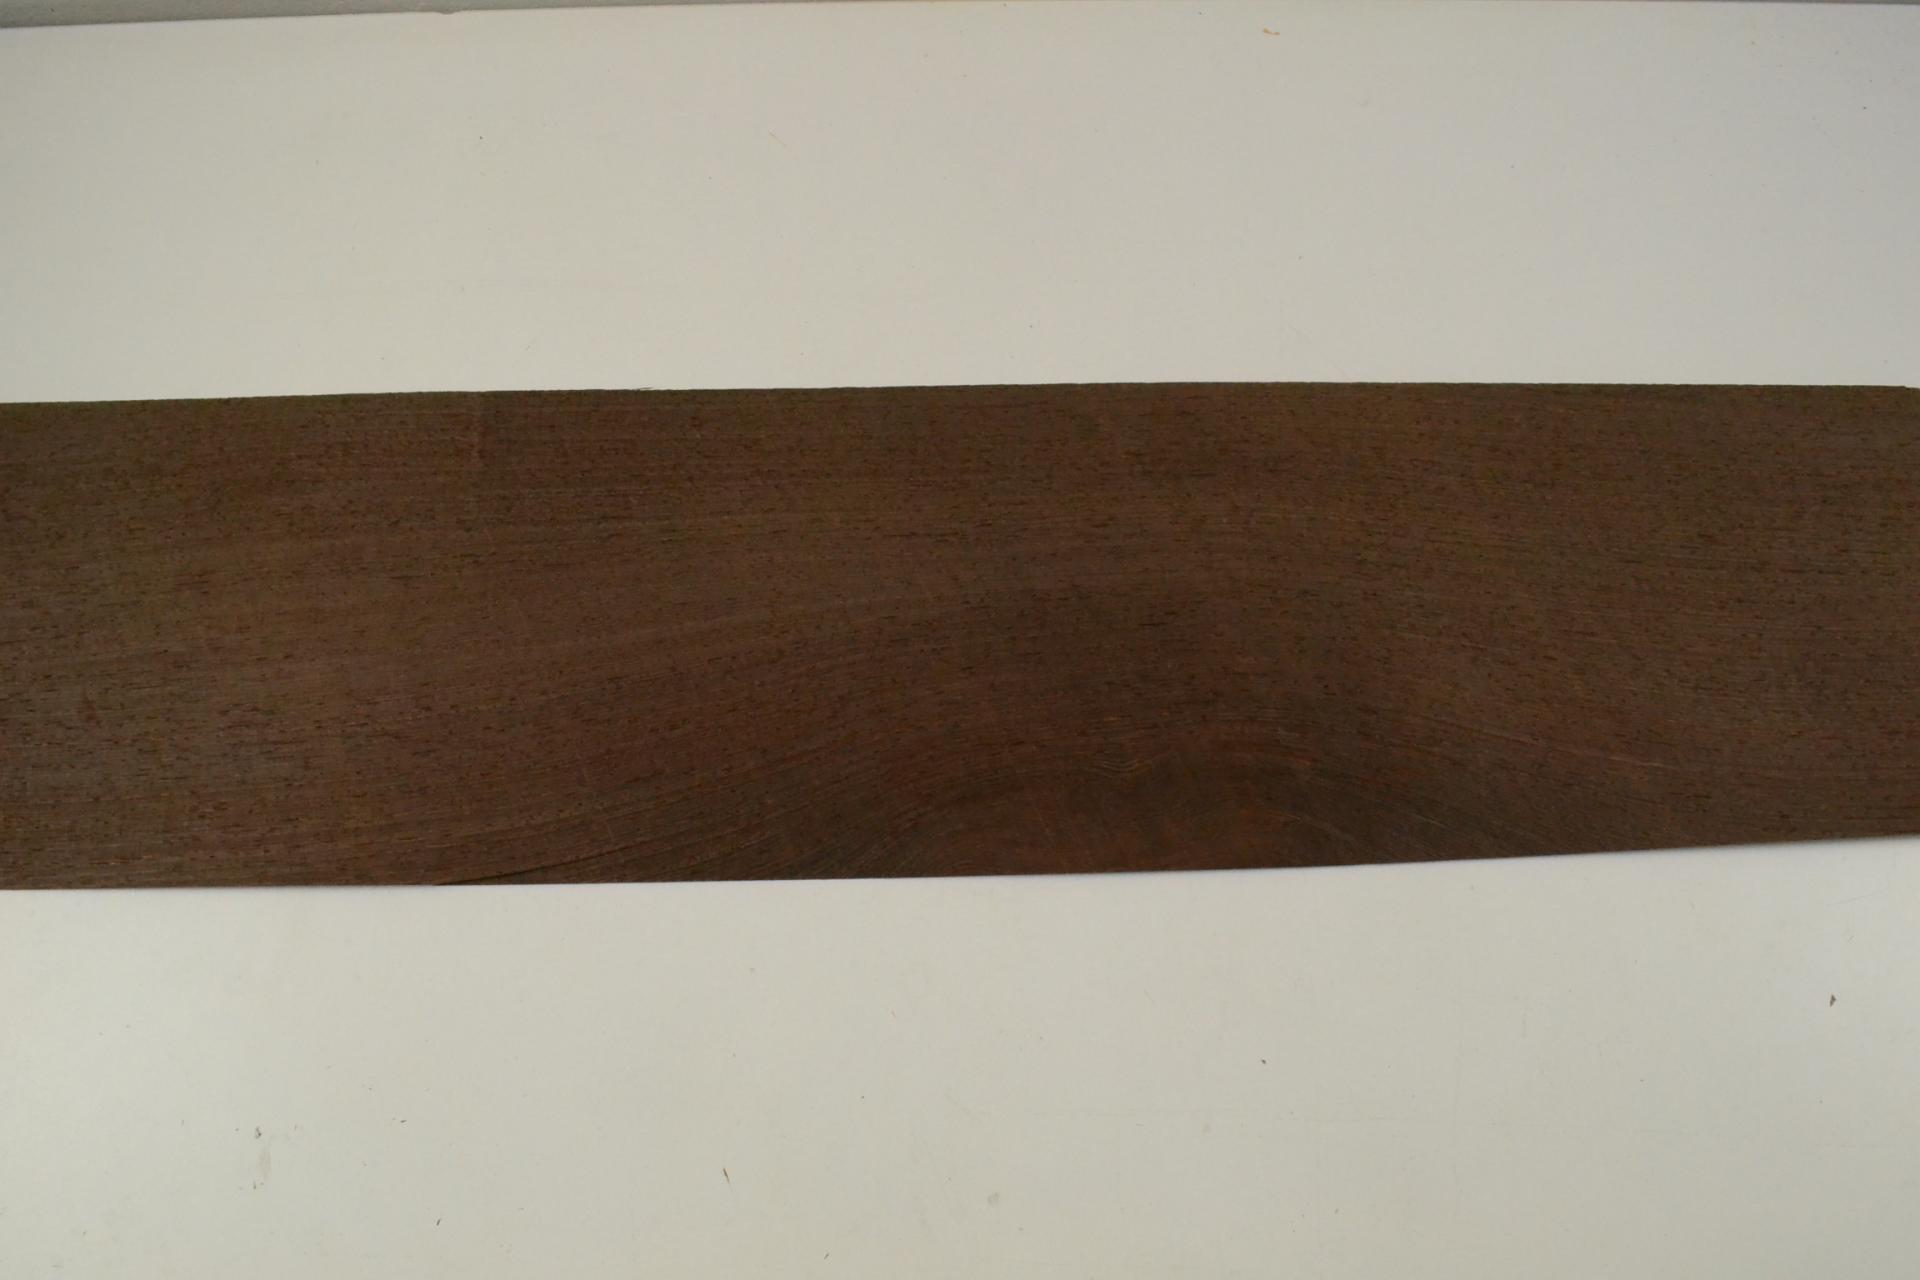 208 placage wenge feuille de bois marqueterie 1